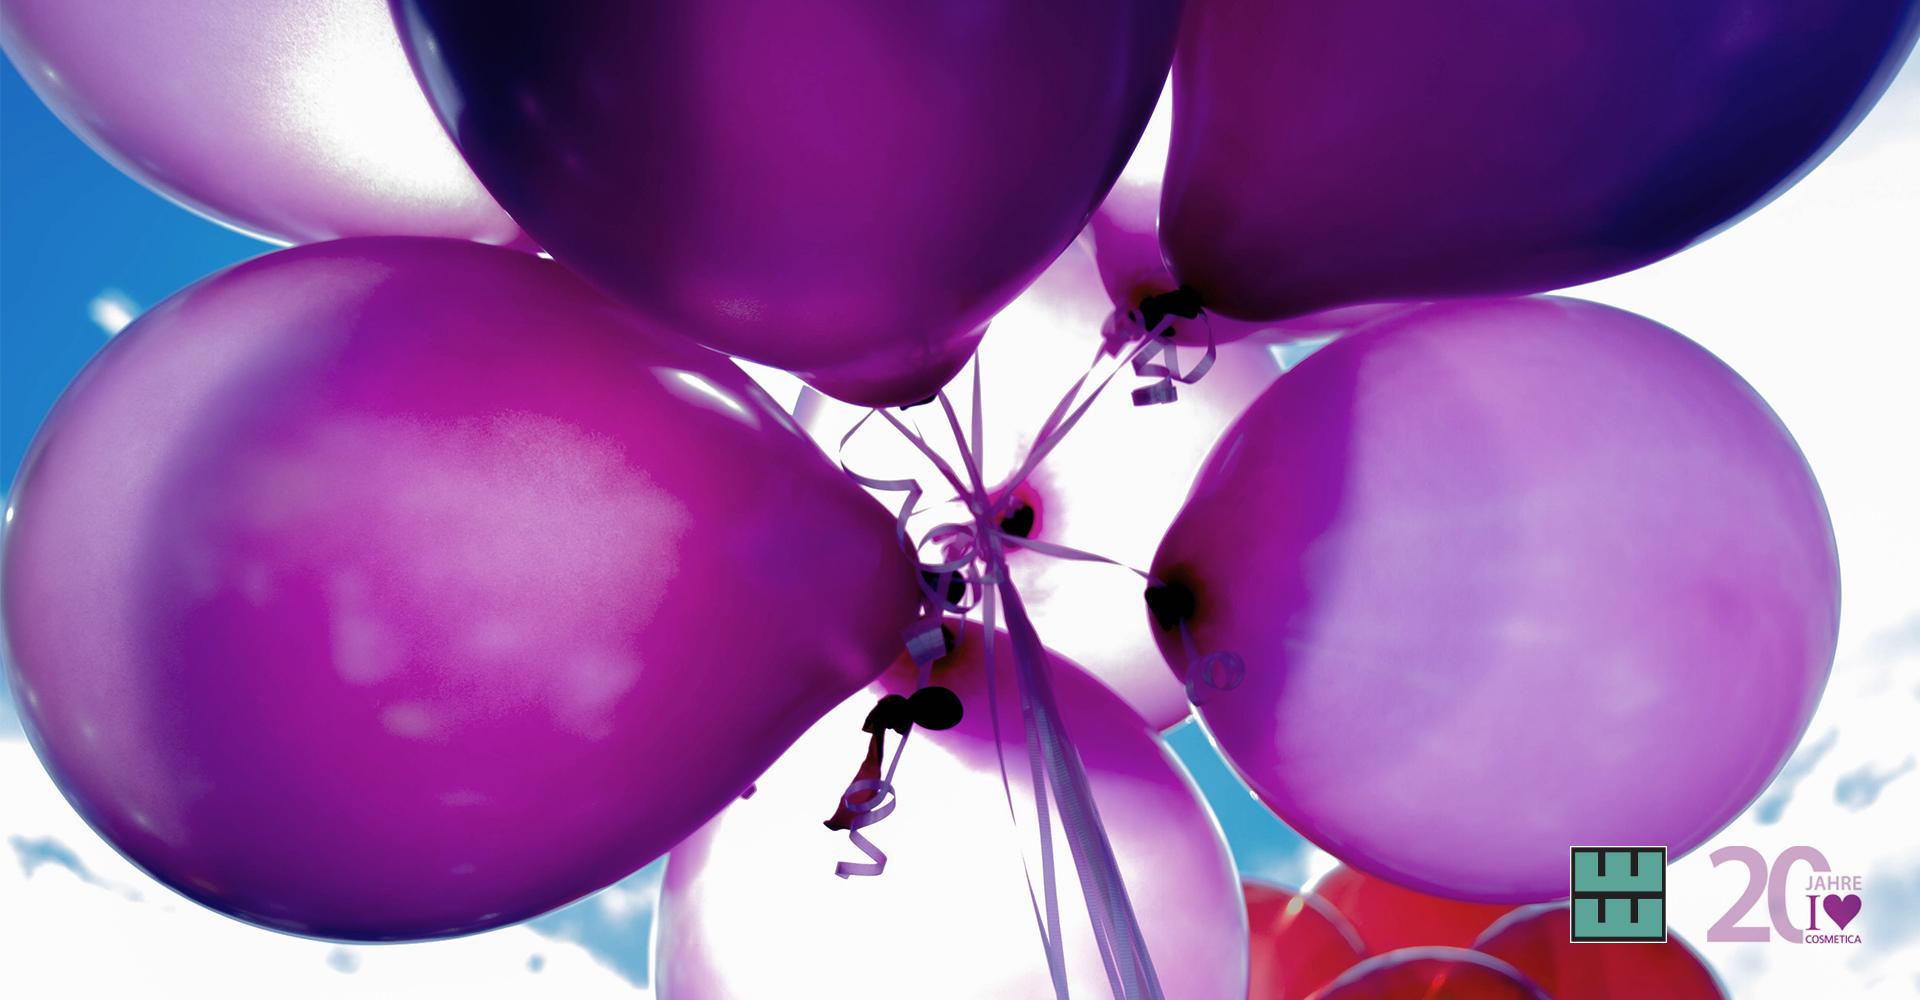 Happy Birthday zu 20 Jahren KOSMETIK international Messe GmbH.